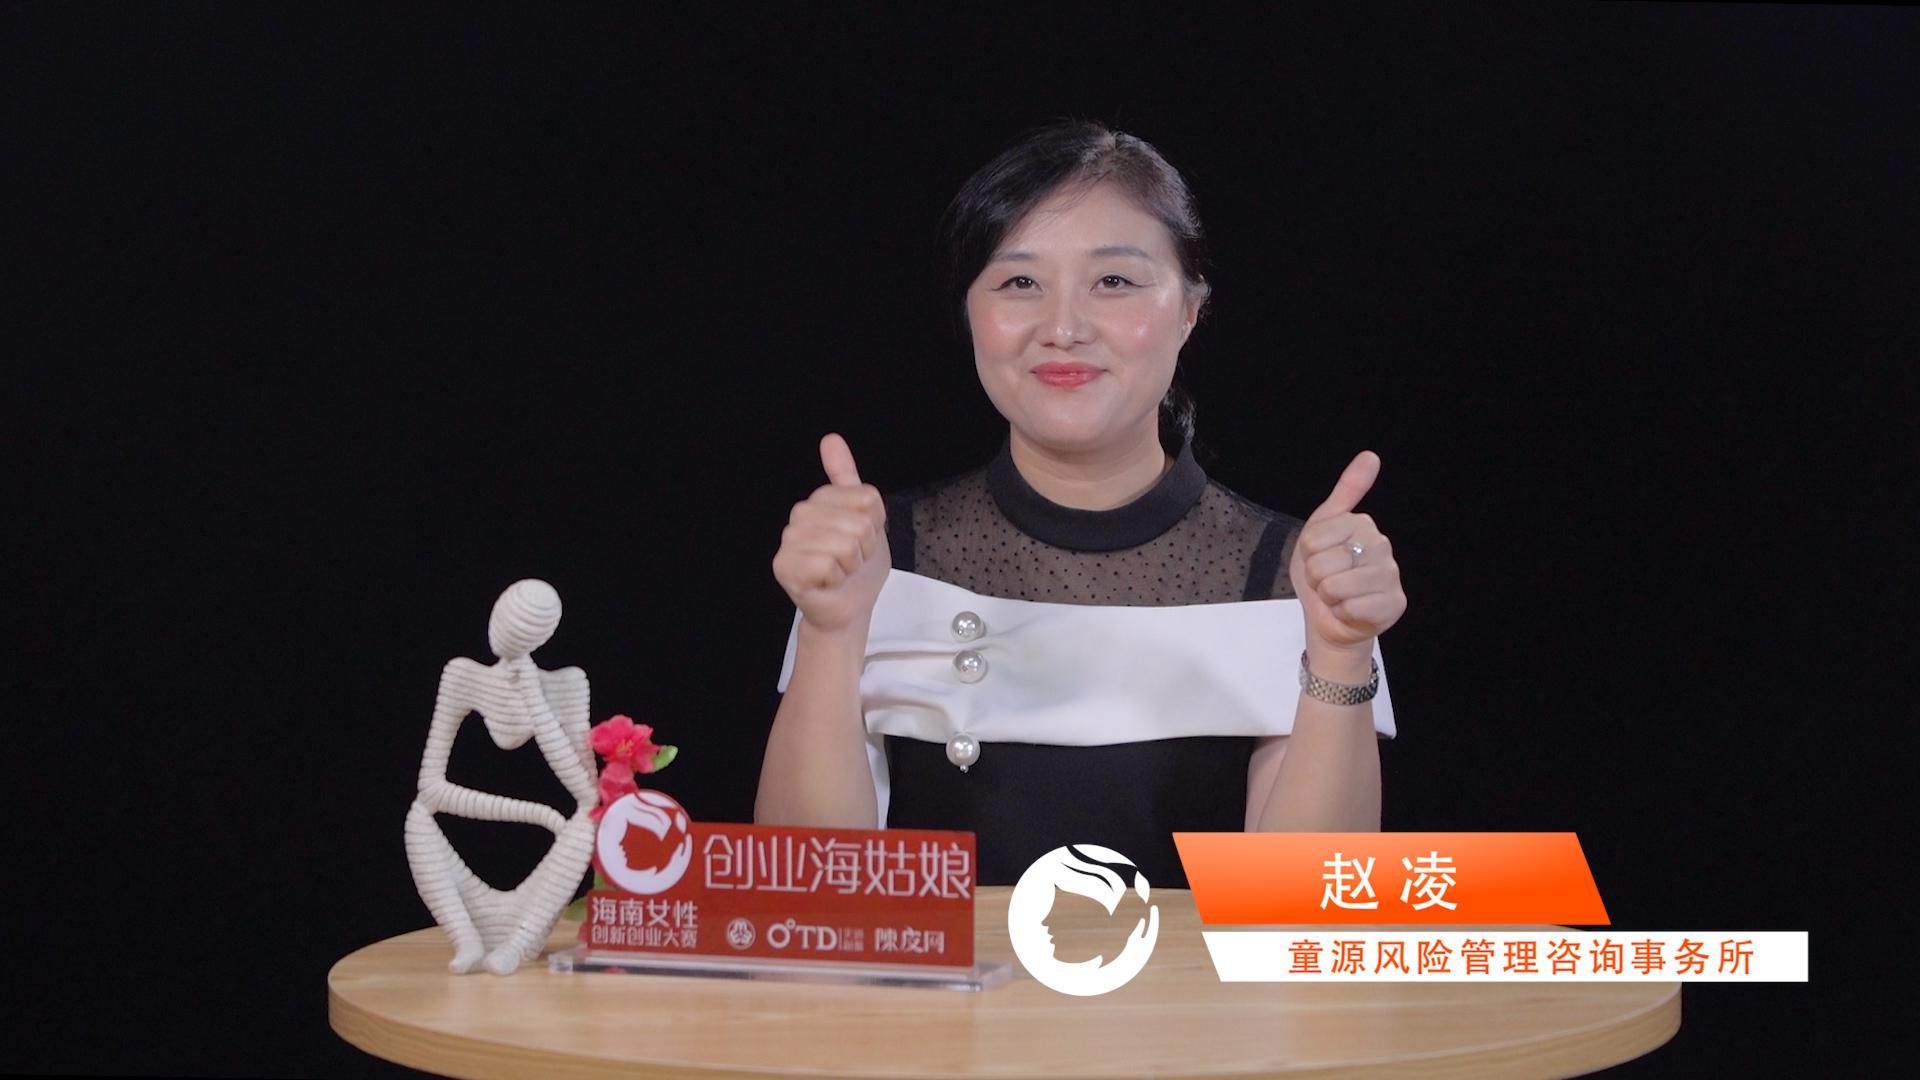 创业海姑娘|童源事务所赵凌 为大众提供专业的保险服务